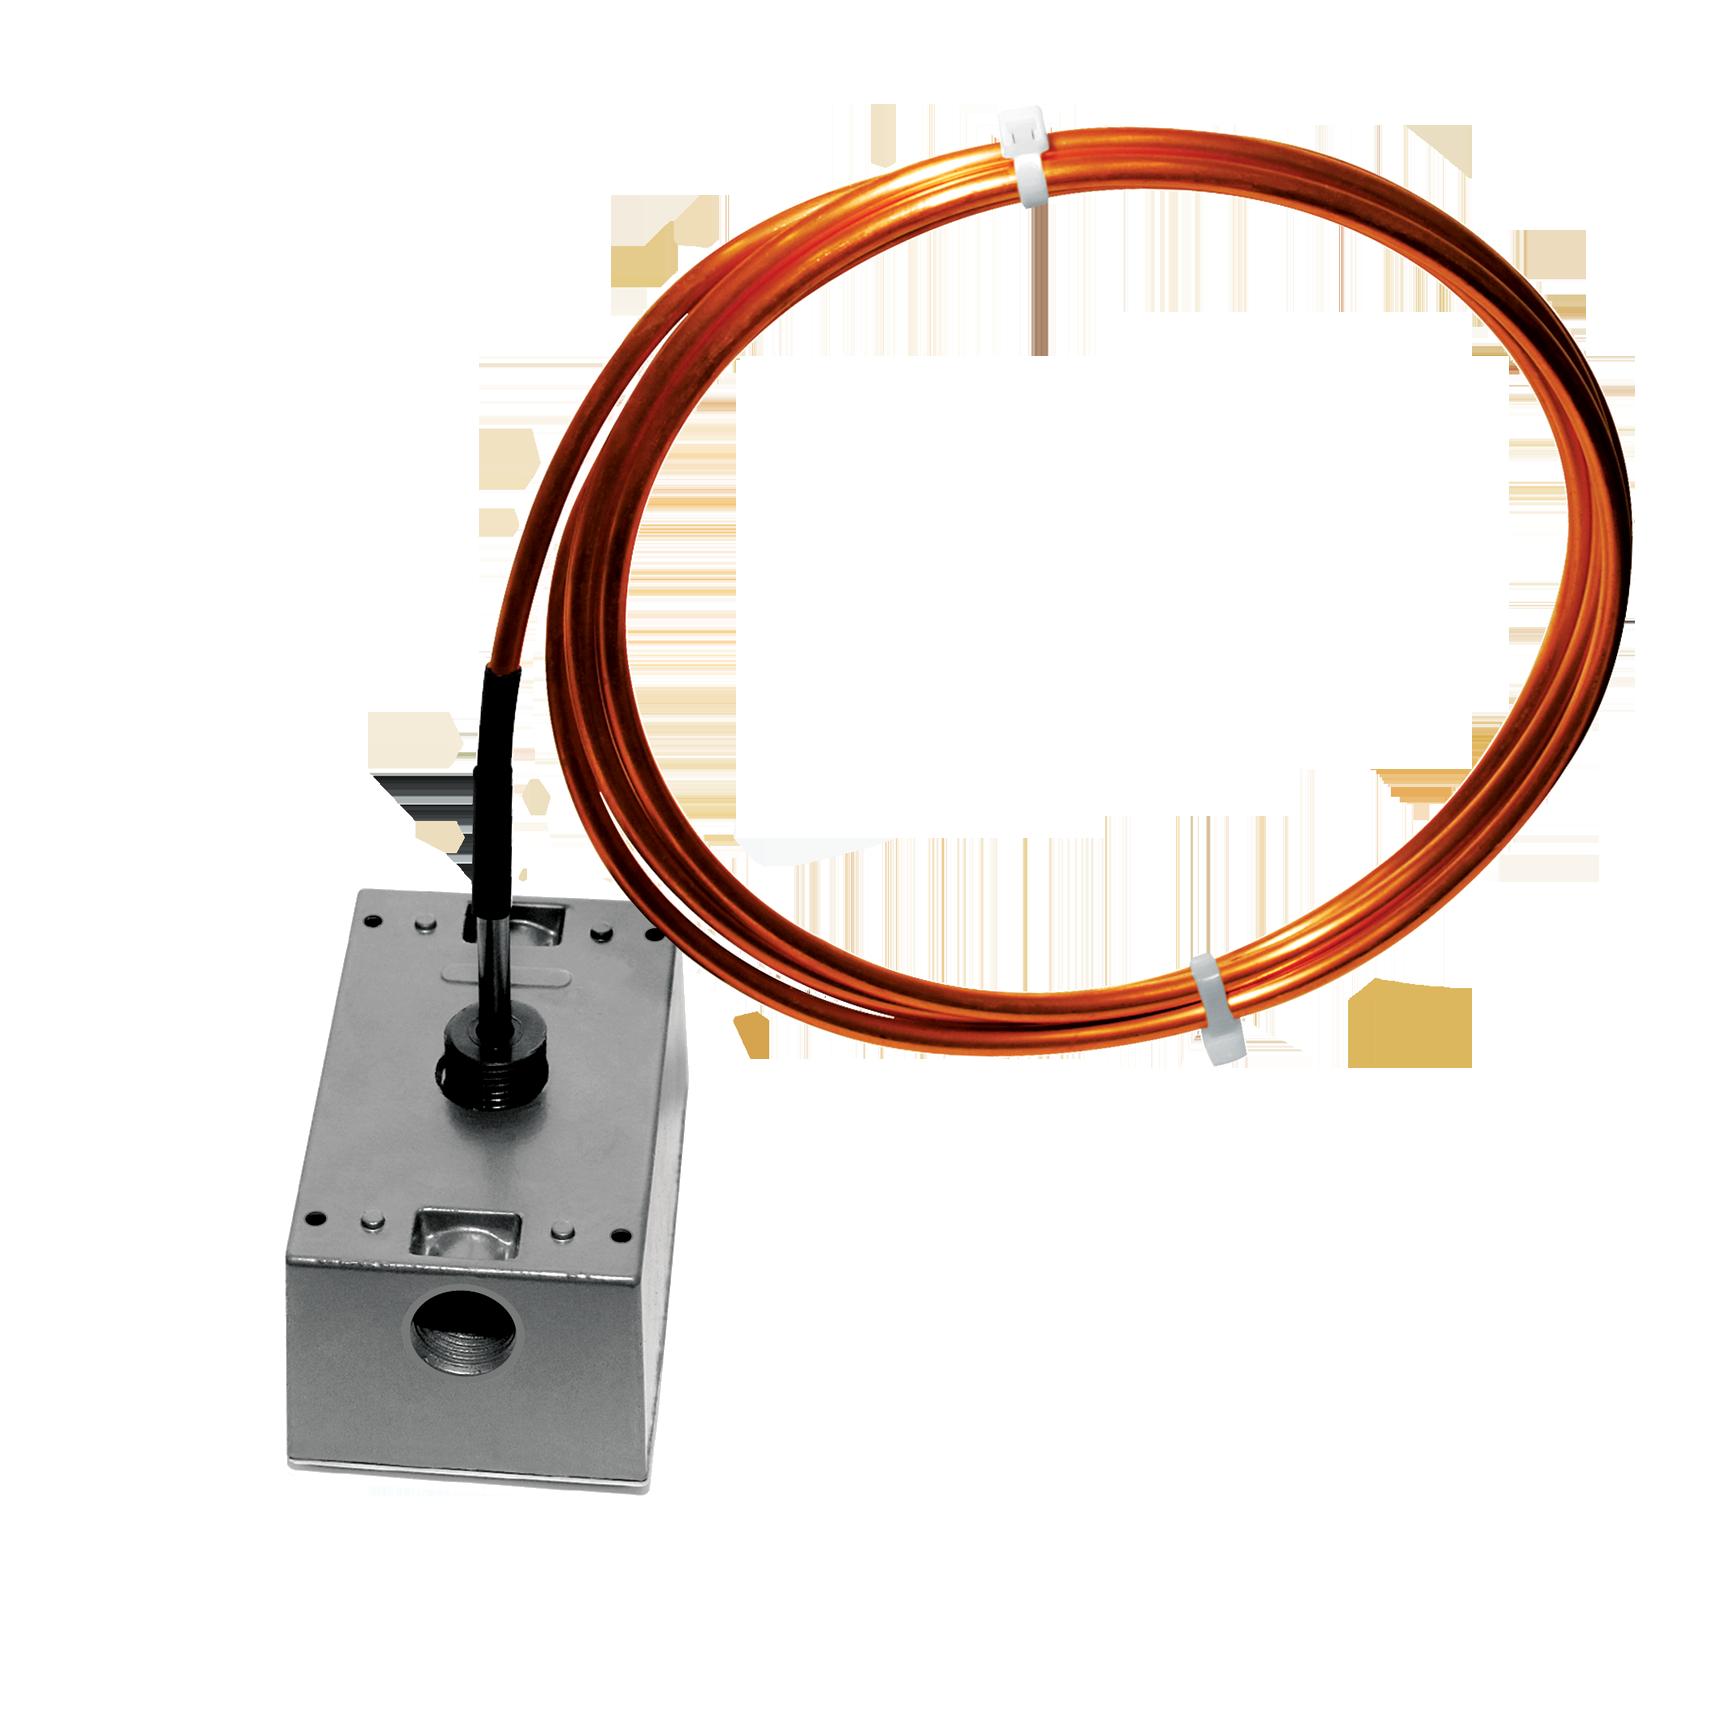 ACI A/592-A-24'-BB Averaging Temperature Sensor